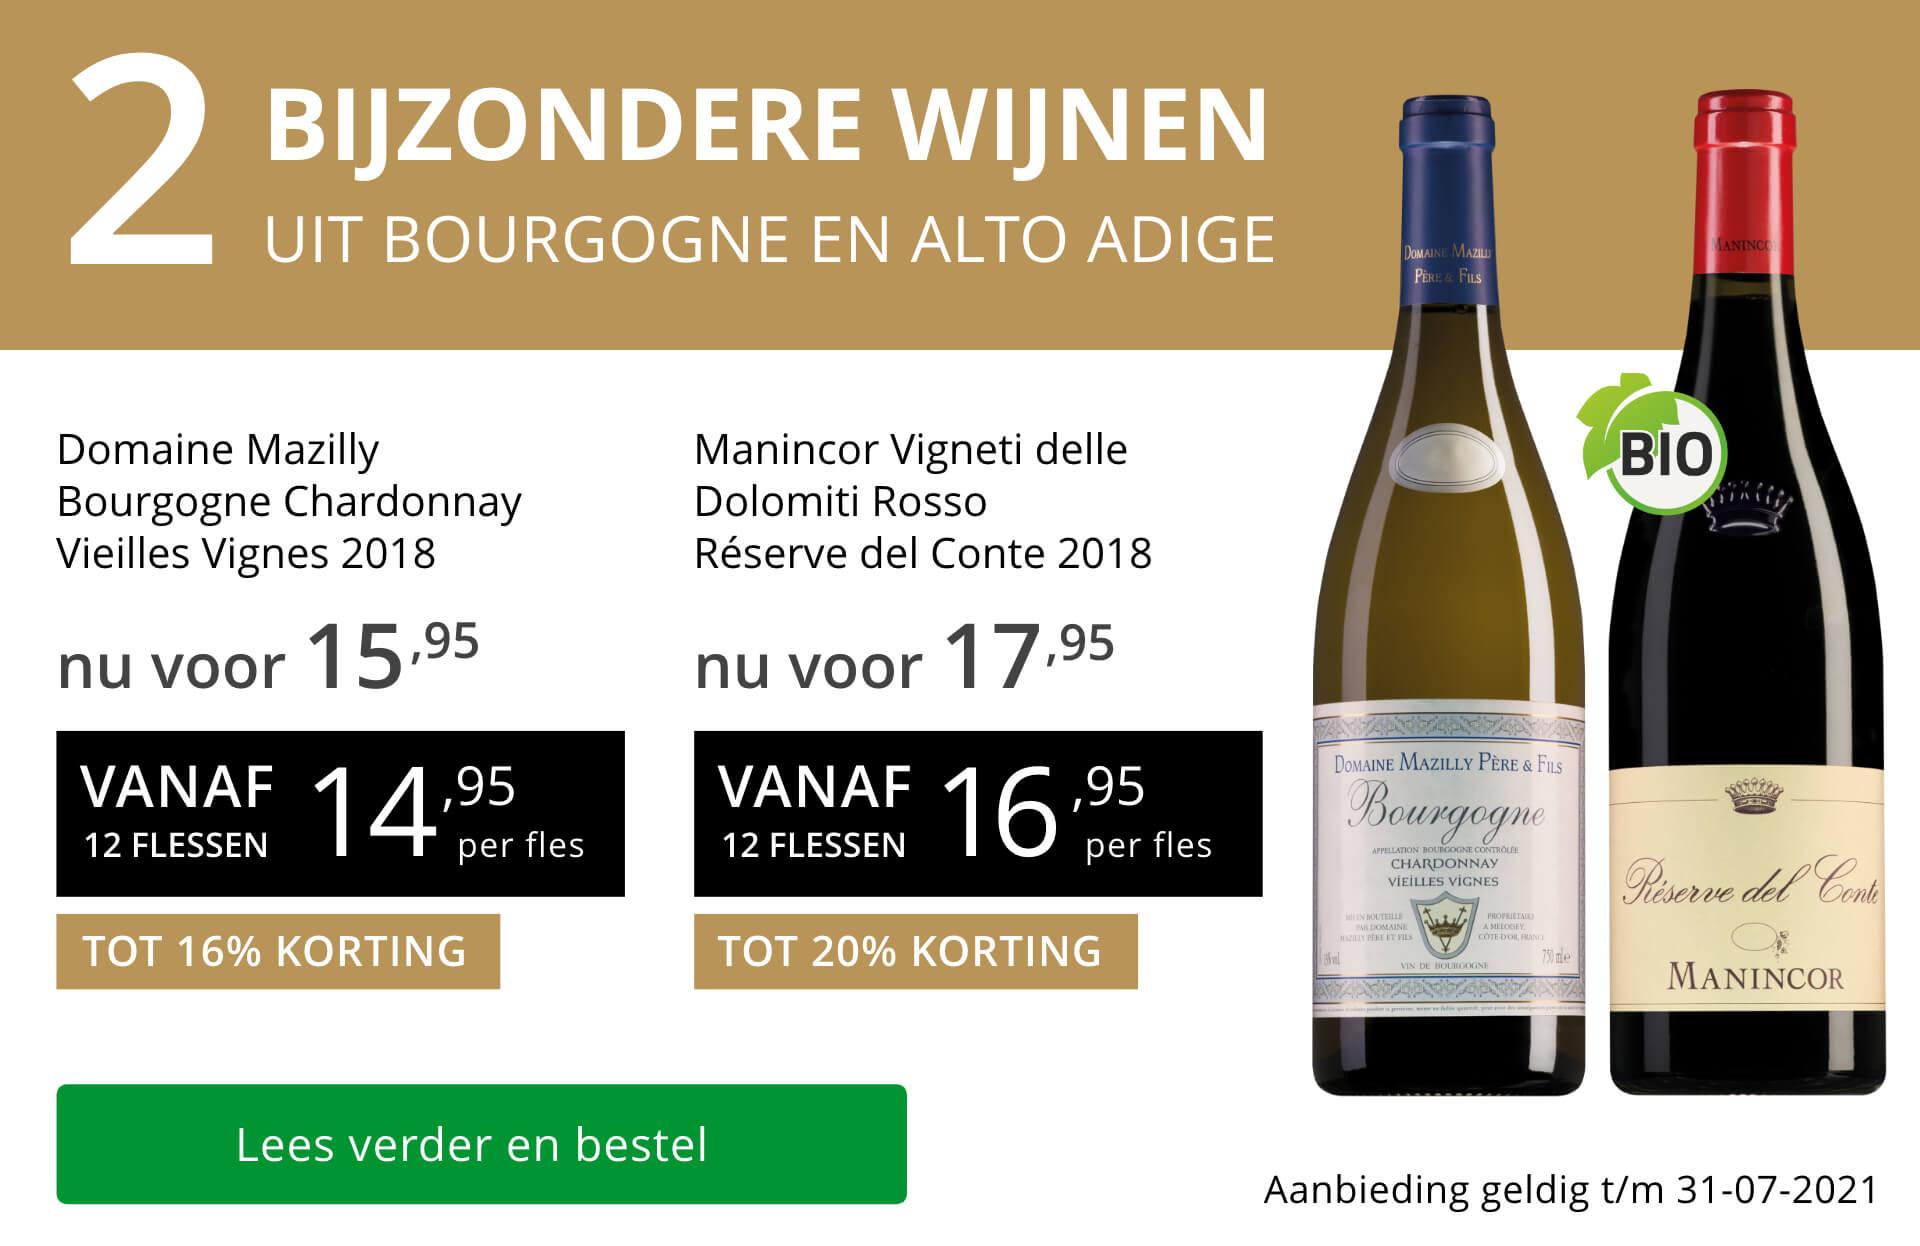 Twee bijzondere wijnen juli 2021 - goud/zwart